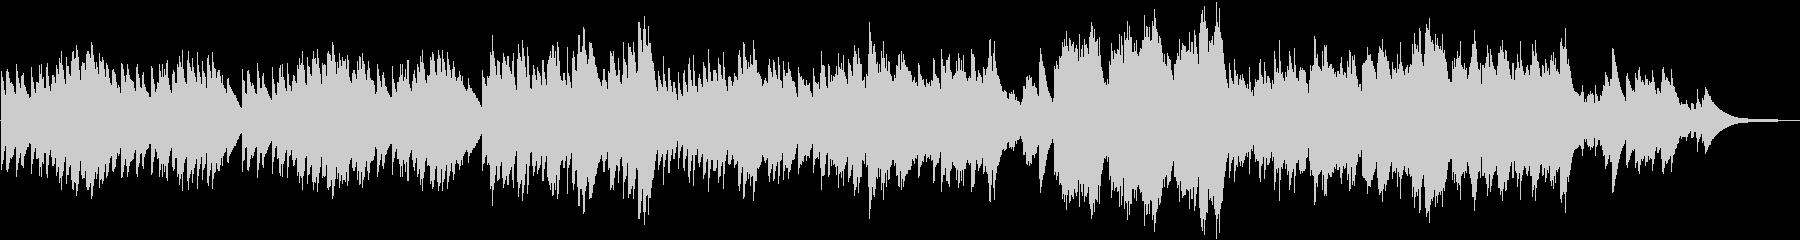 物悲しい雰囲気のオルゴール曲の未再生の波形